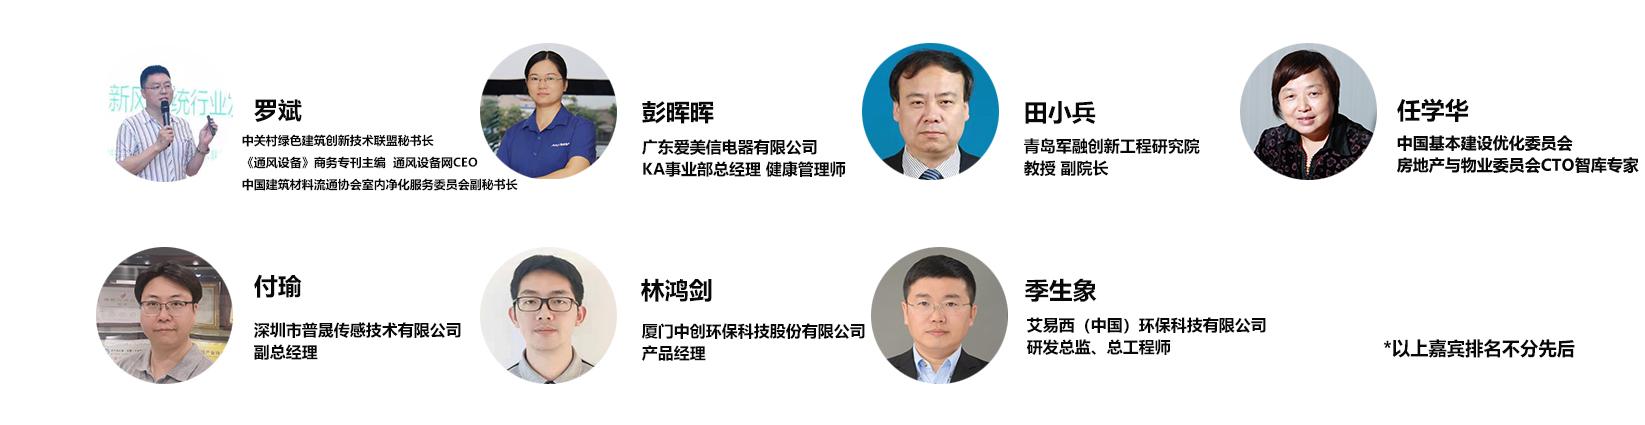 2021中国新风系统应用技术论坛(上海站)-上海空气新风展 AIRVENTEC CHINA 2022.6.8-10新风系统 通风设备 空气净化